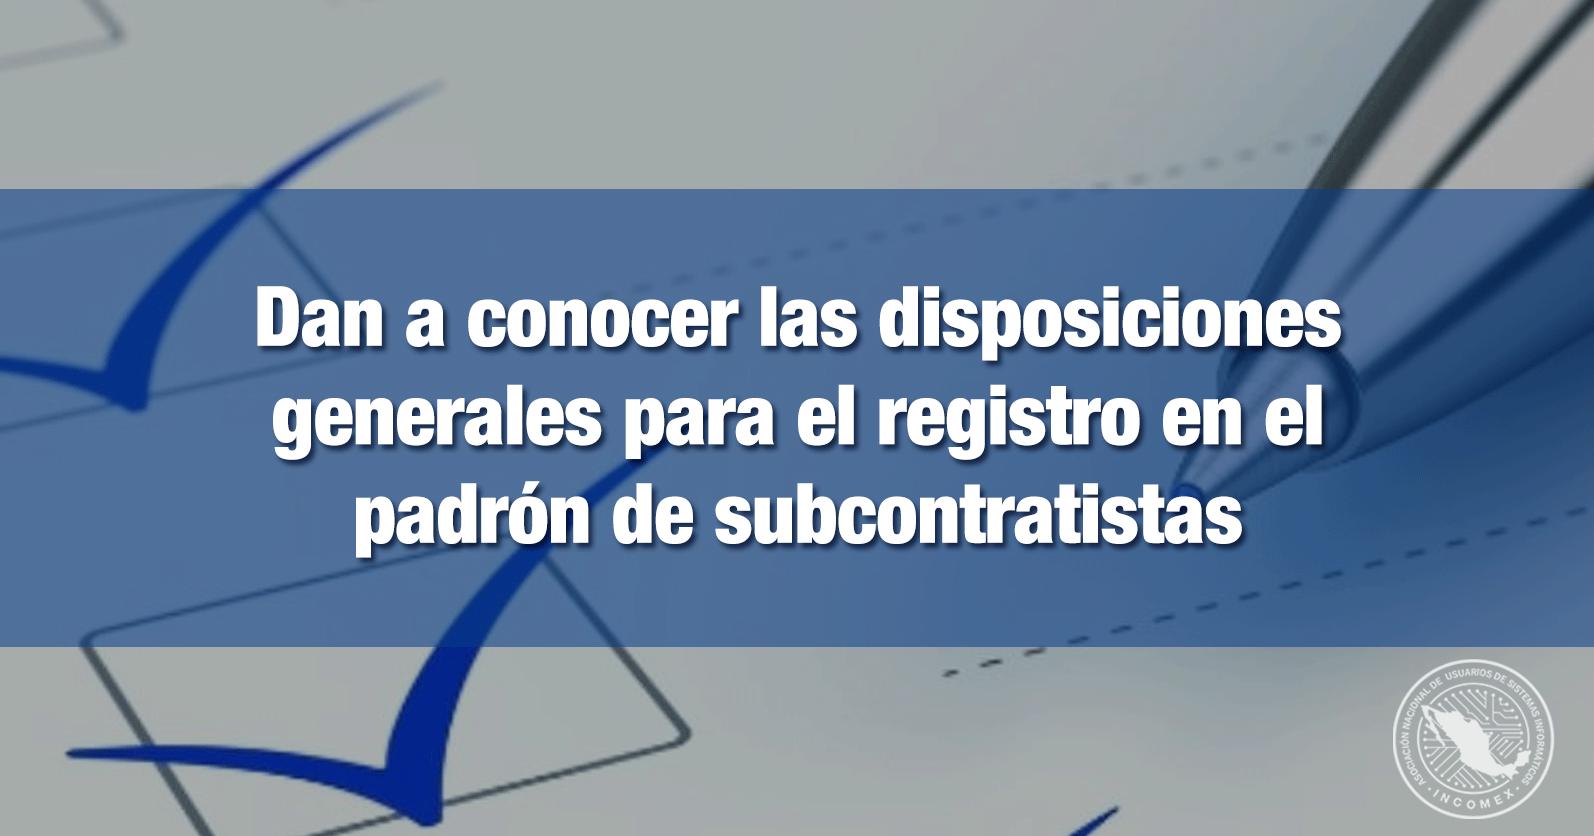 Dan a conocer las disposiciones generales para el registro en el padrón de subcontratistas